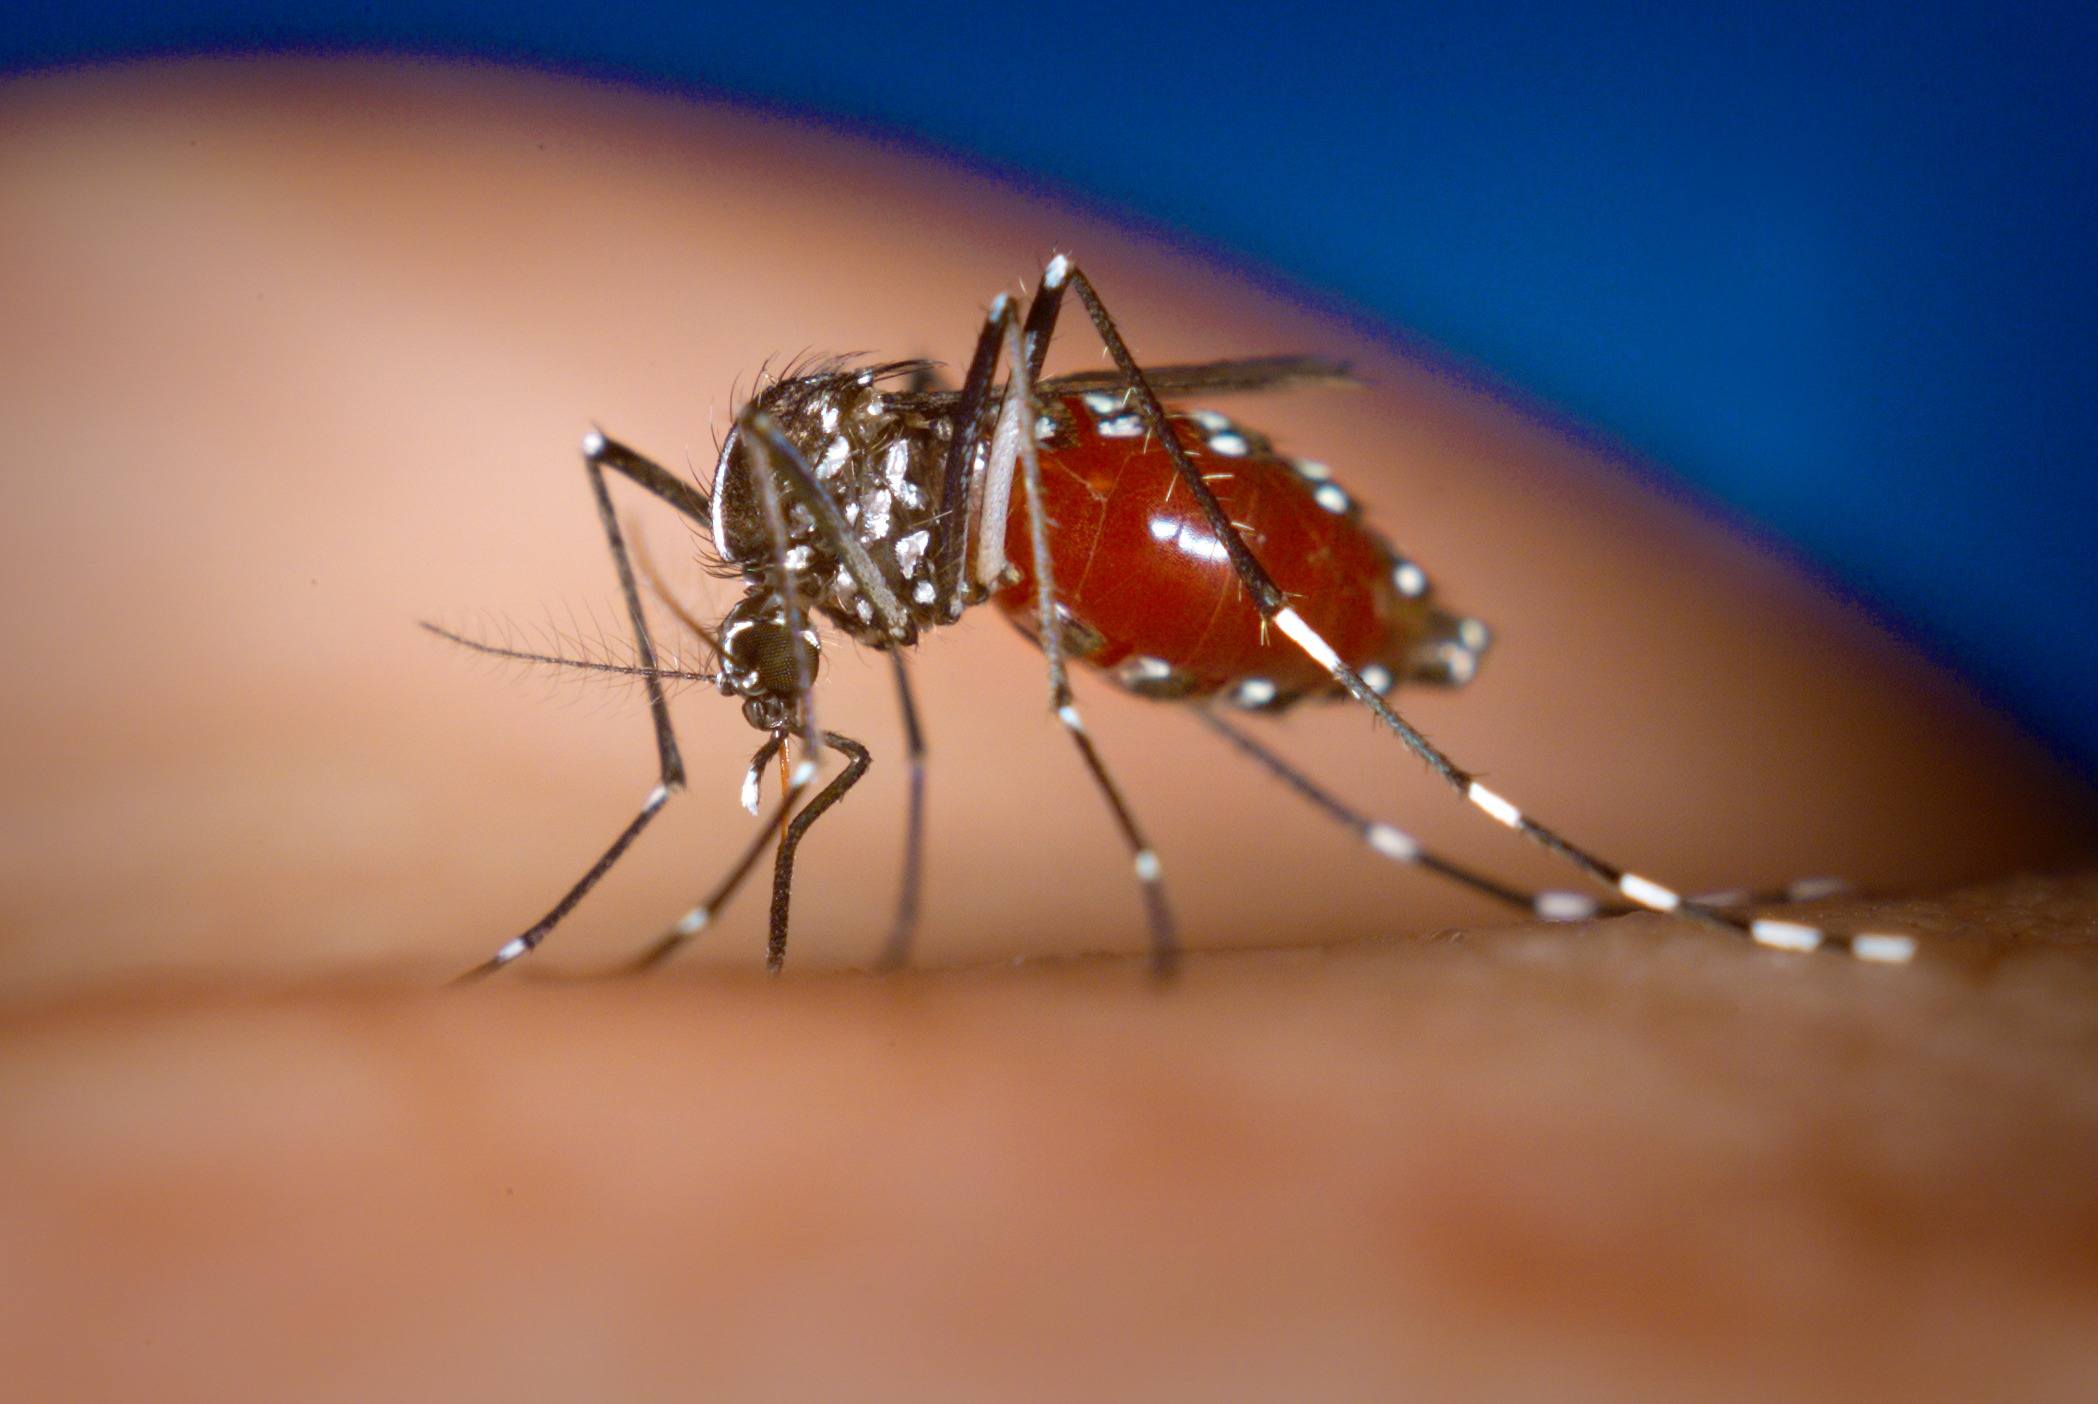 mosquito-dengue-aedes-nortedailha